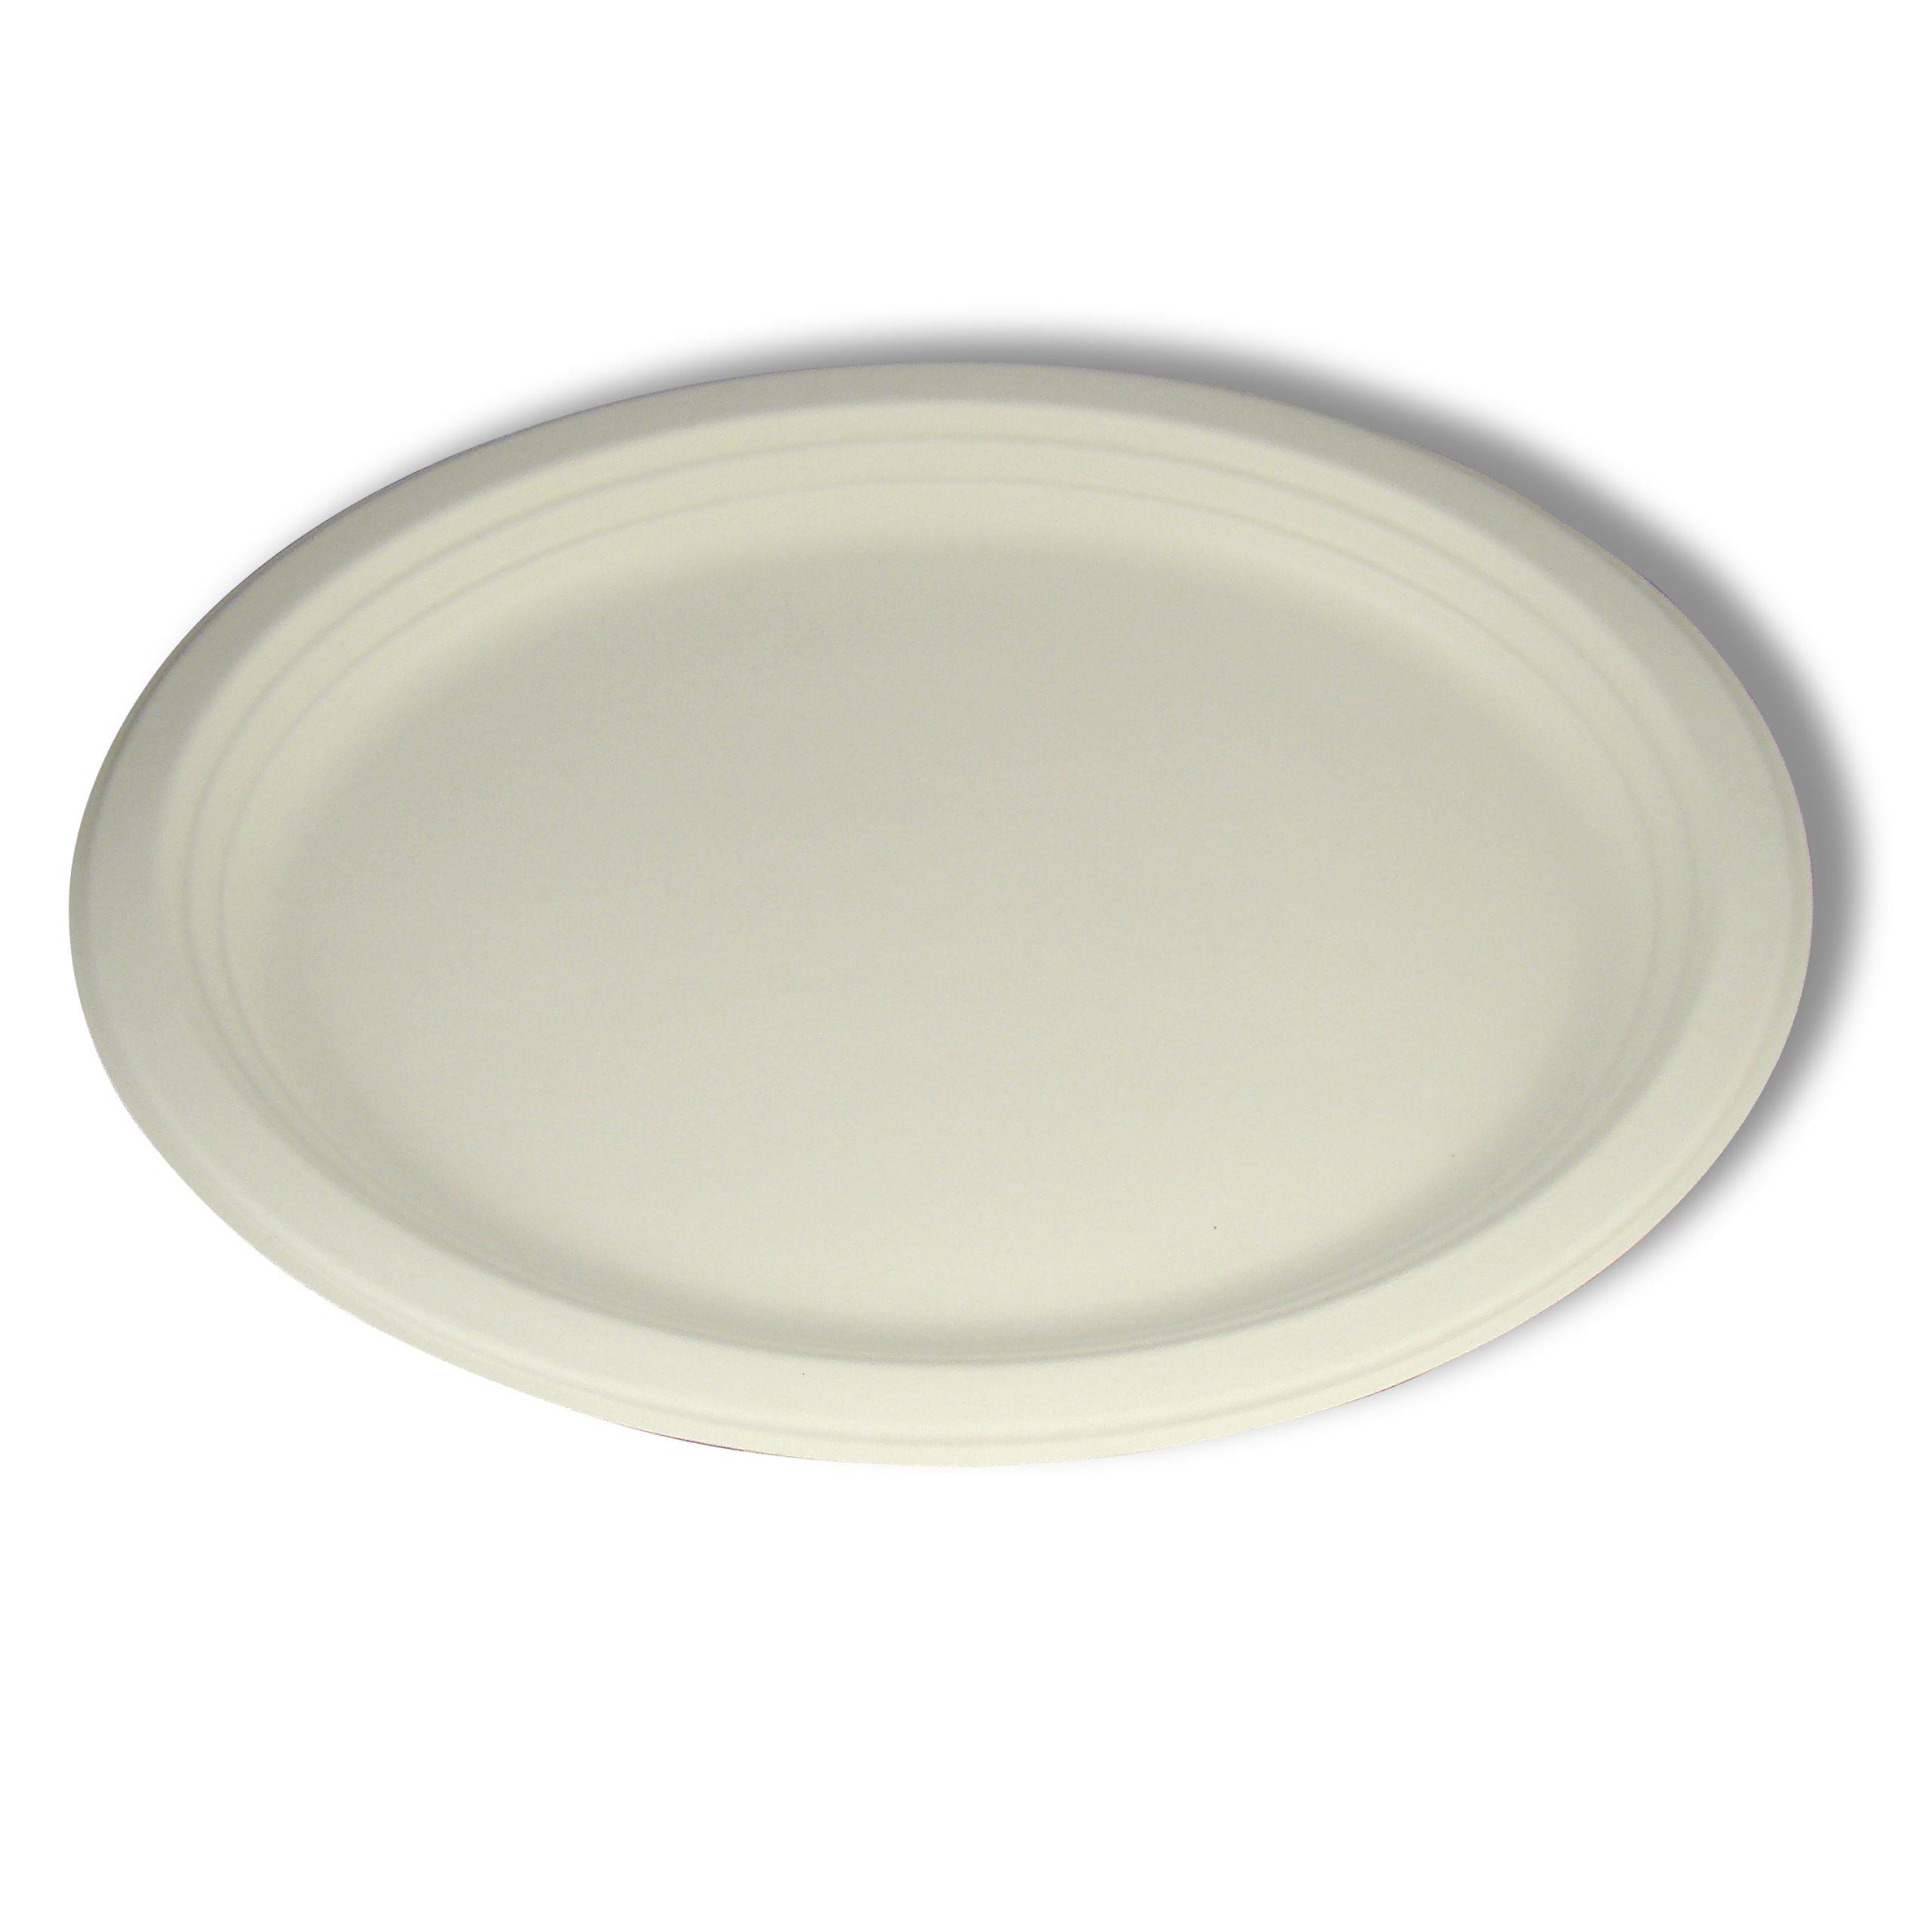 Stalkmarket 100% Compostable Sugar Cane Fiber Oval Platter, 12-Inch, 500-Count Case